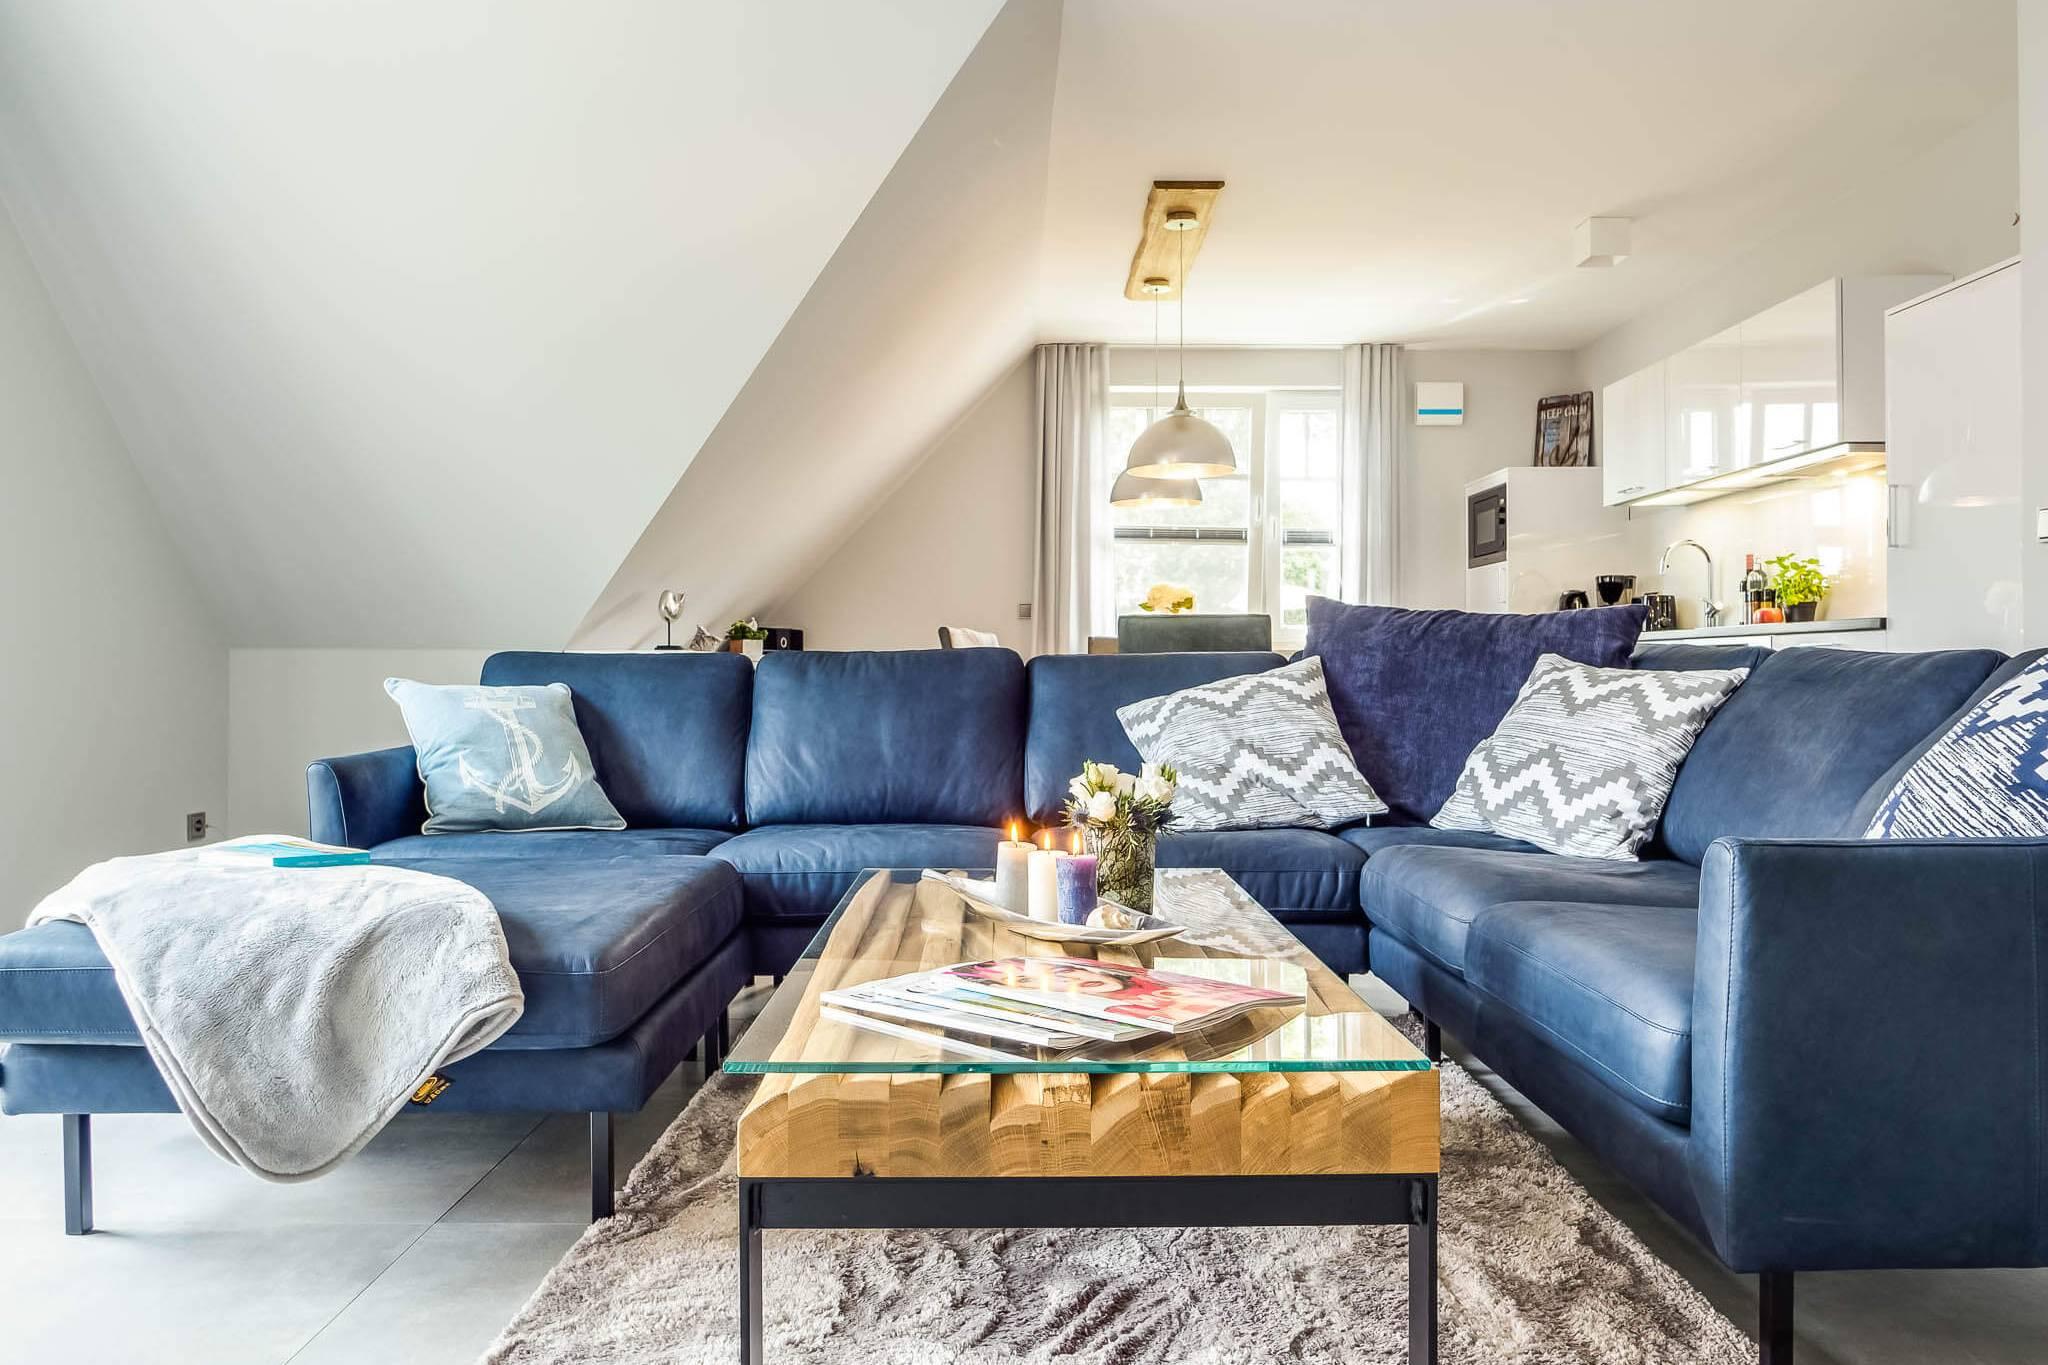 Ferienwohnung meerle 4 - Couch